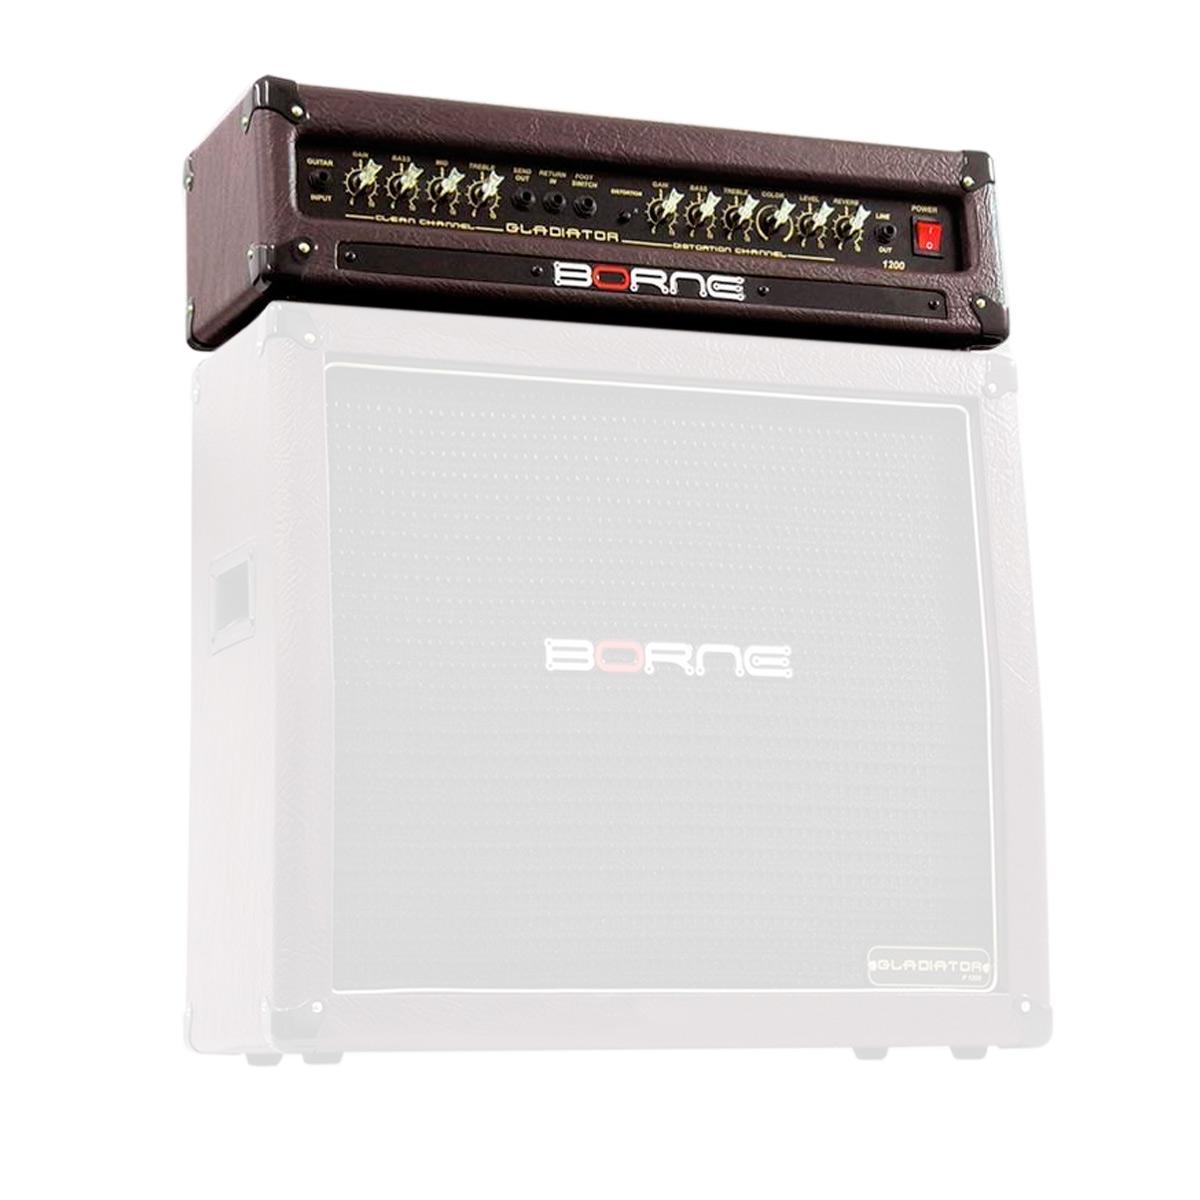 Gladiator1200 - Cabeçote p/ Guitarra 100W Gladiator 1200 Marrom - Borne